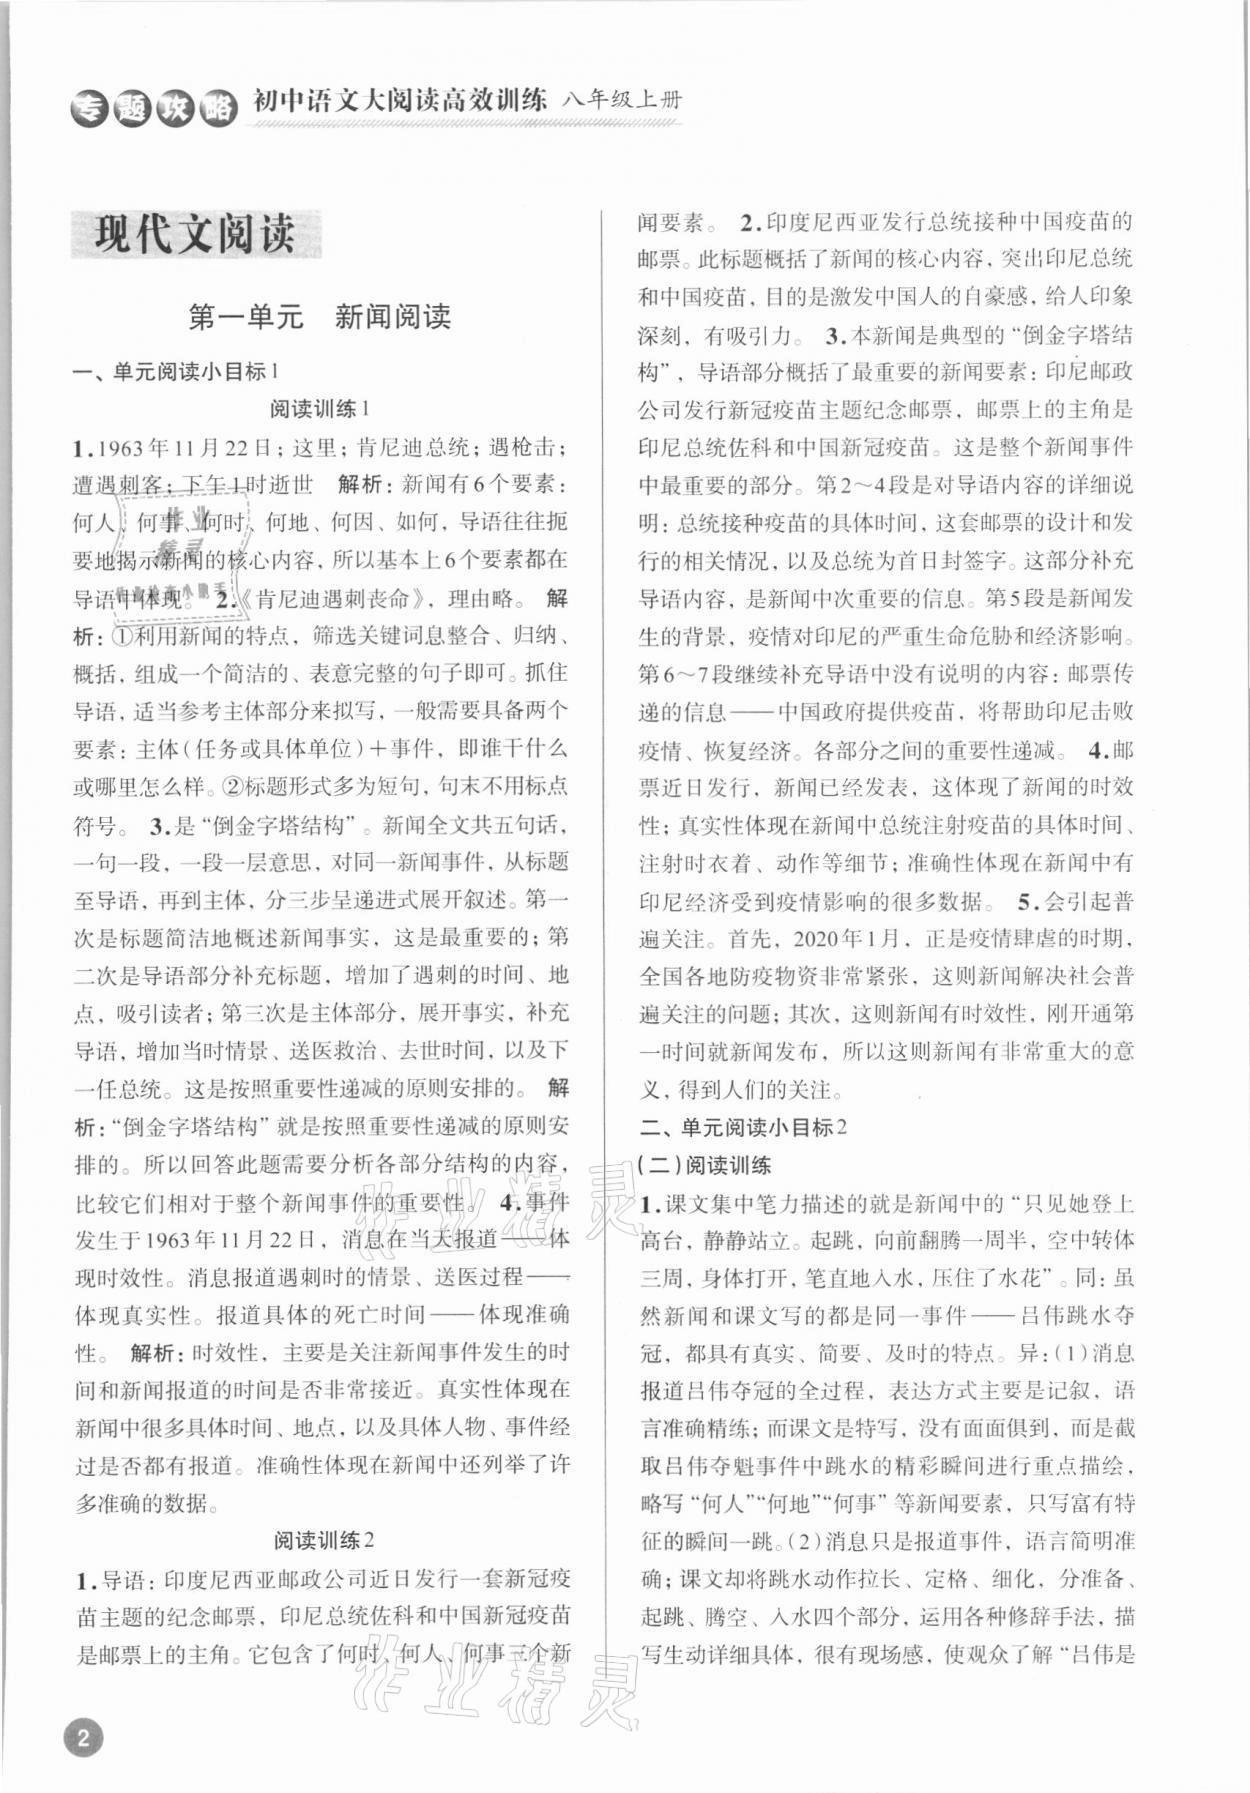 2021年大阅读高效训练八年级语文人教版浙江专版参考答案第1页